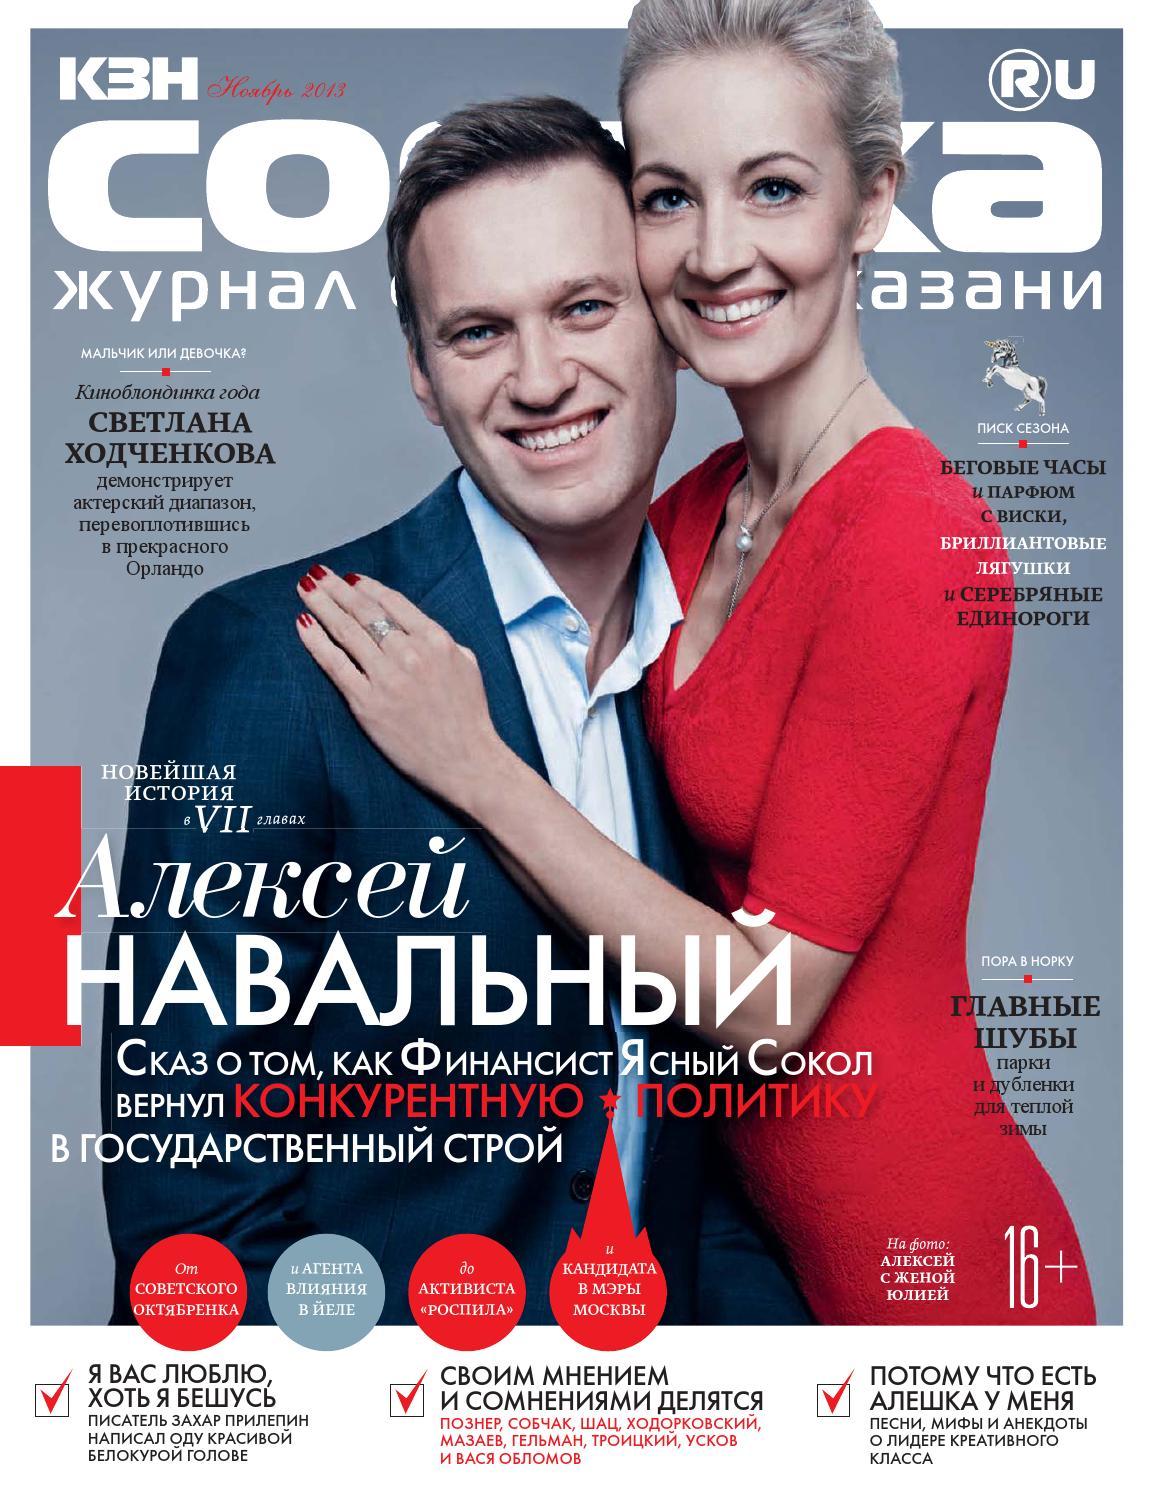 76685317ac91 kzn.sobaka.ru  10 november 2013 by kzn.sobaka.ru - issuu